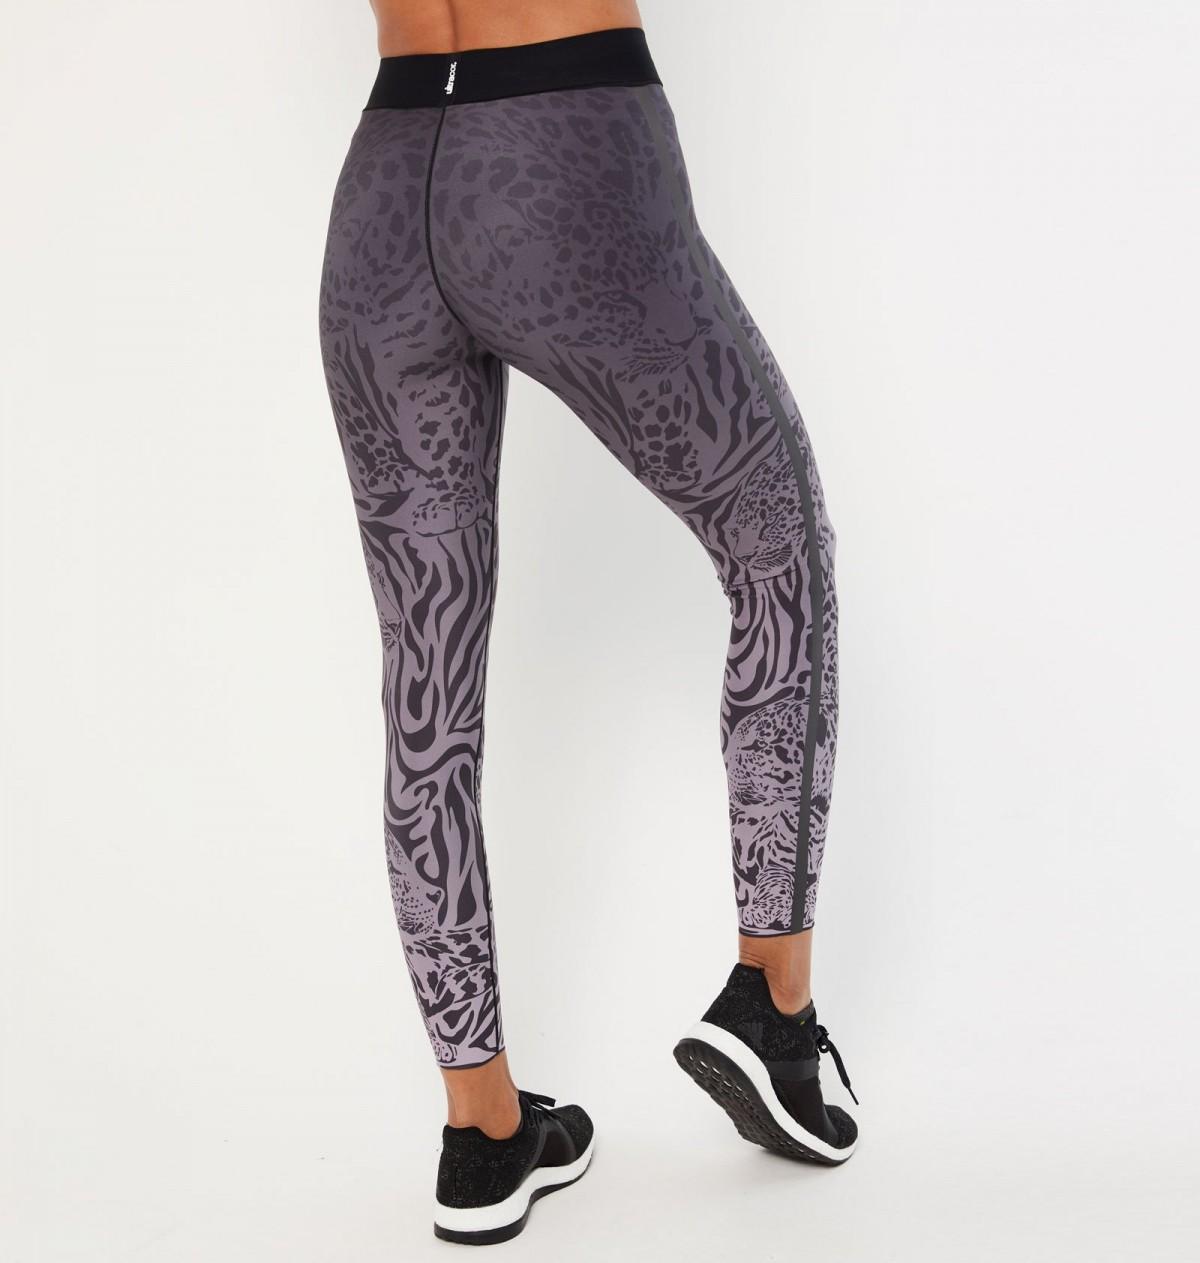 Lavender and Graphite Panthera Legging